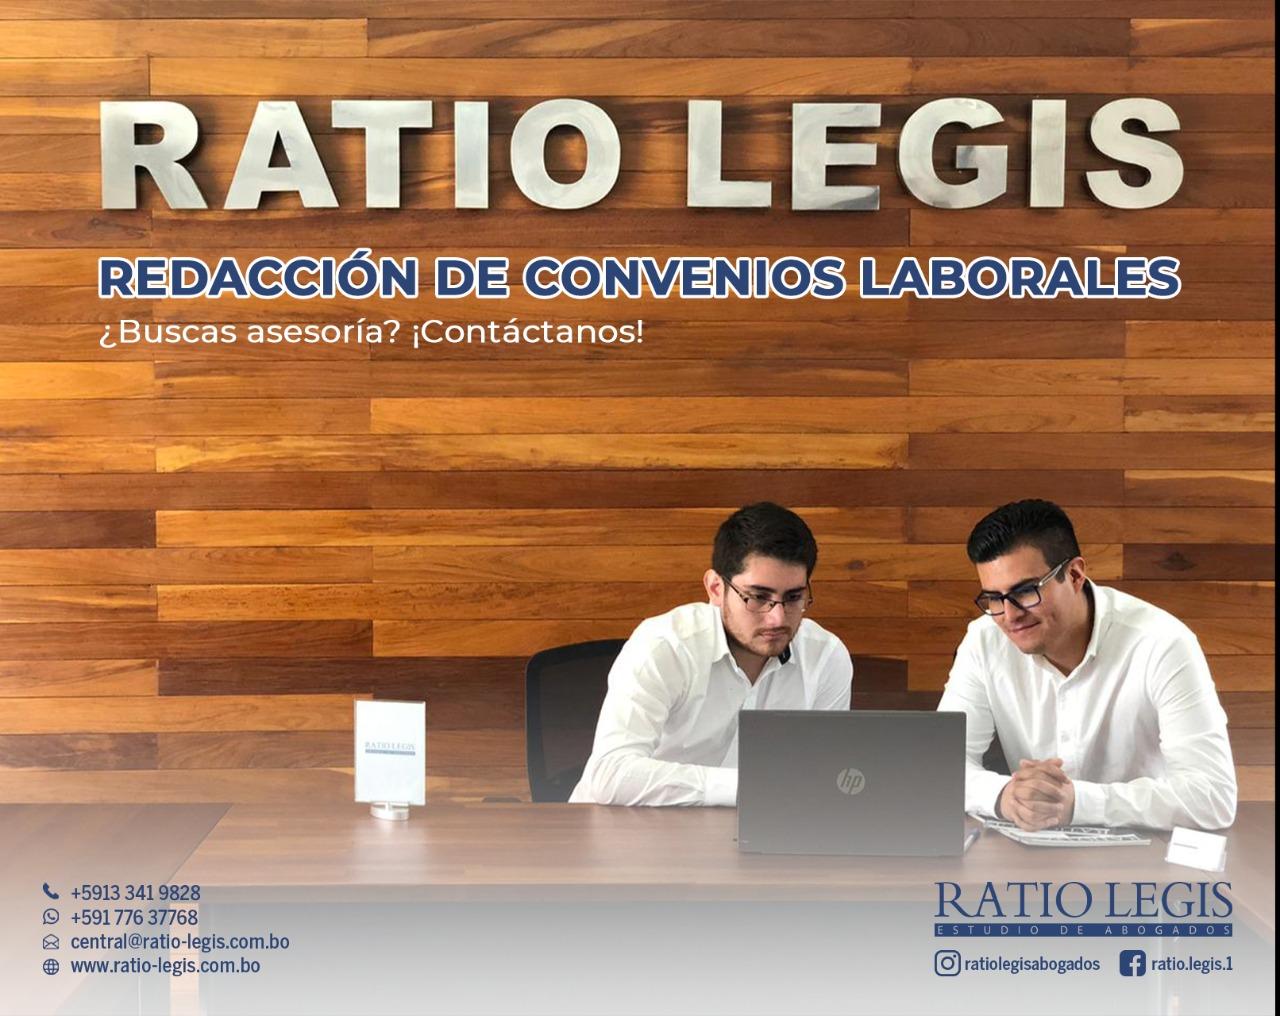 (Español) Redacción de Convenios Laborales